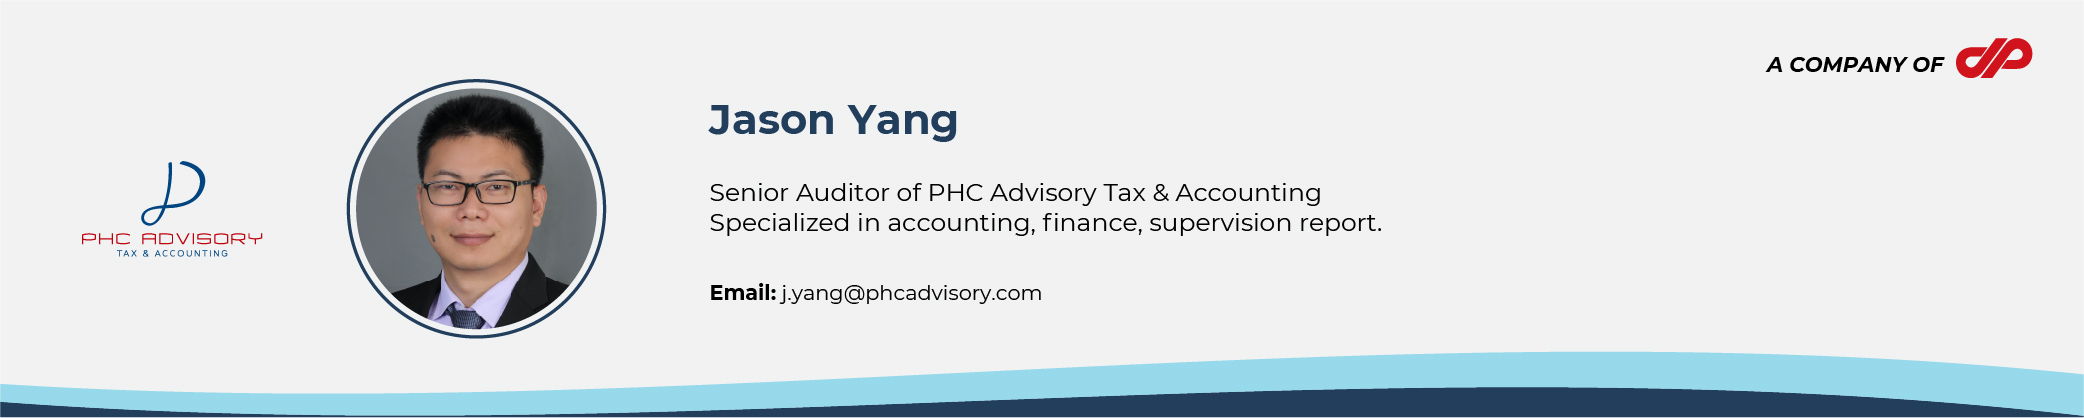 CV Banner-Jason Yang.jpg